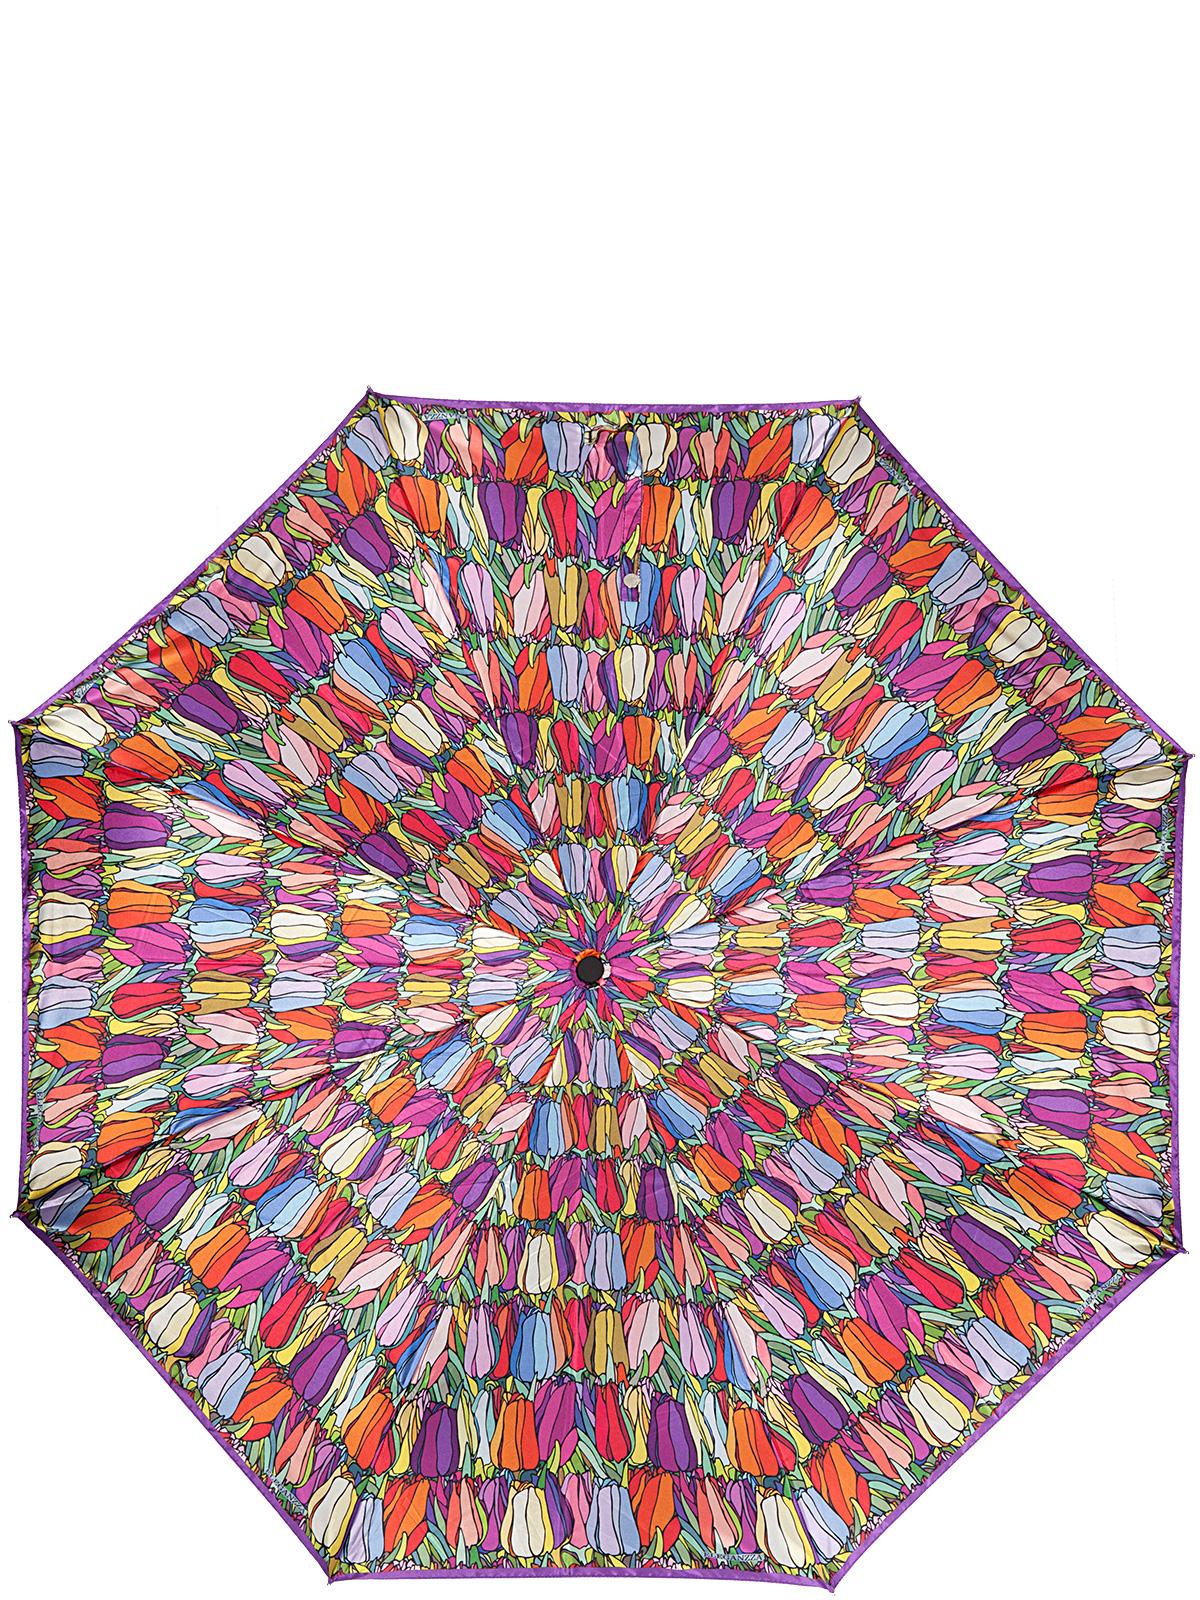 Зонт женский Eleganzza, цвет: красный. A3-05-0325LSA3-05-0325LSЖенский зонт-автомат торговой марки Eleganzza с каркасом Smart, который позволяет без особых усилий складывать зонт, не позволяя стержню вылетать обратно. Купол: 100% полиэстер, сатин. Материал каркаса: сталь + фибергласс. Материал ручки: пластик. Длина изделия - 30 см. Диаметр купола - 105 см. Система Smart, не позволяет стержню при сложении вылететь обратно, это облегчает сложение зонта! При сложении есть характерный звук-треск, как трещетка. Примечание: зонт не откроется с кнопки если его не закрыть до щелчка.